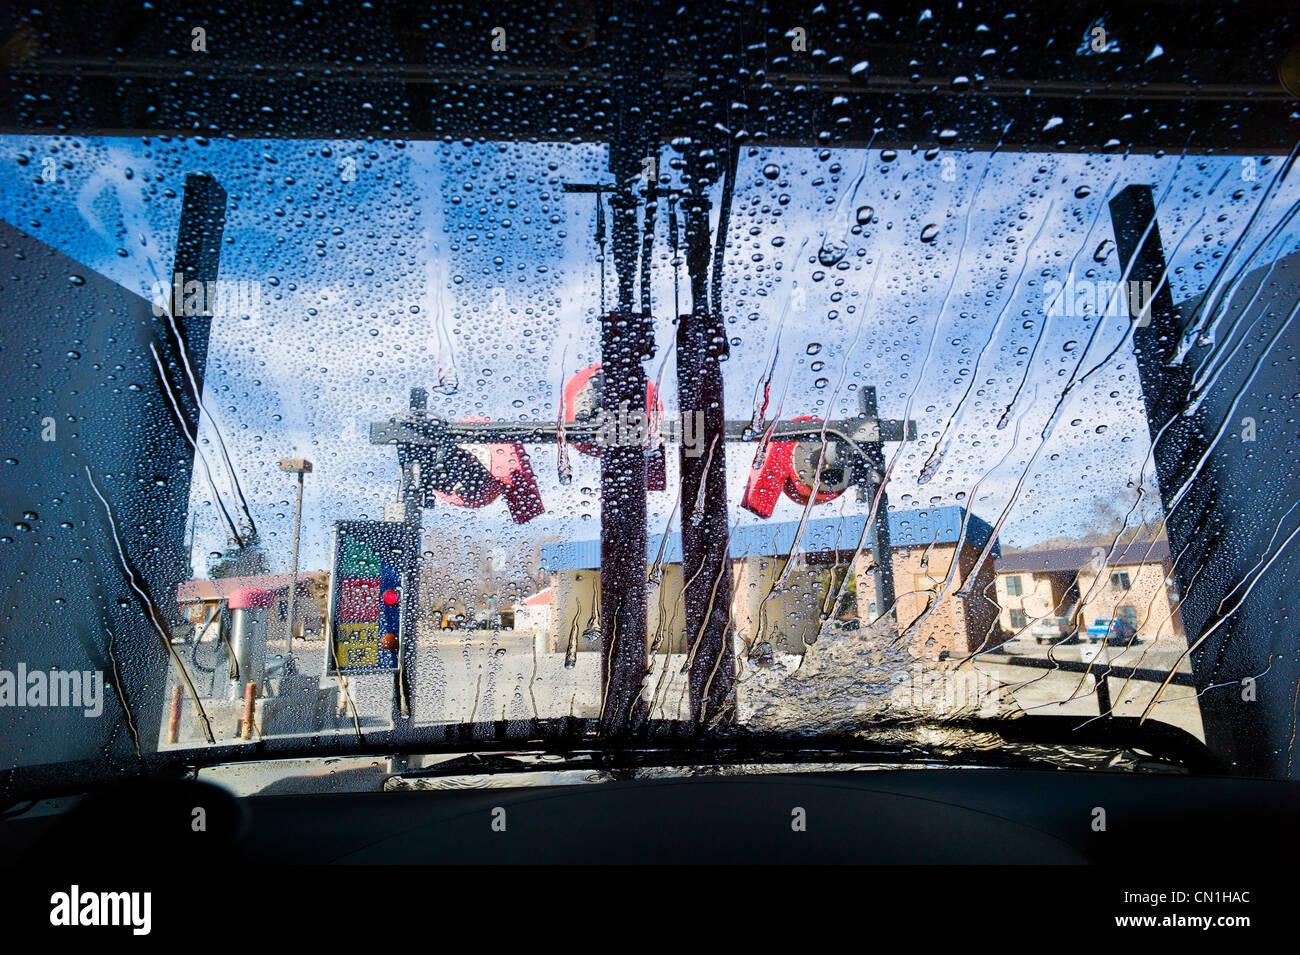 Vista attraverso il parabrezza di un autoveicolo in un lavaggio automatico. Immagini Stock